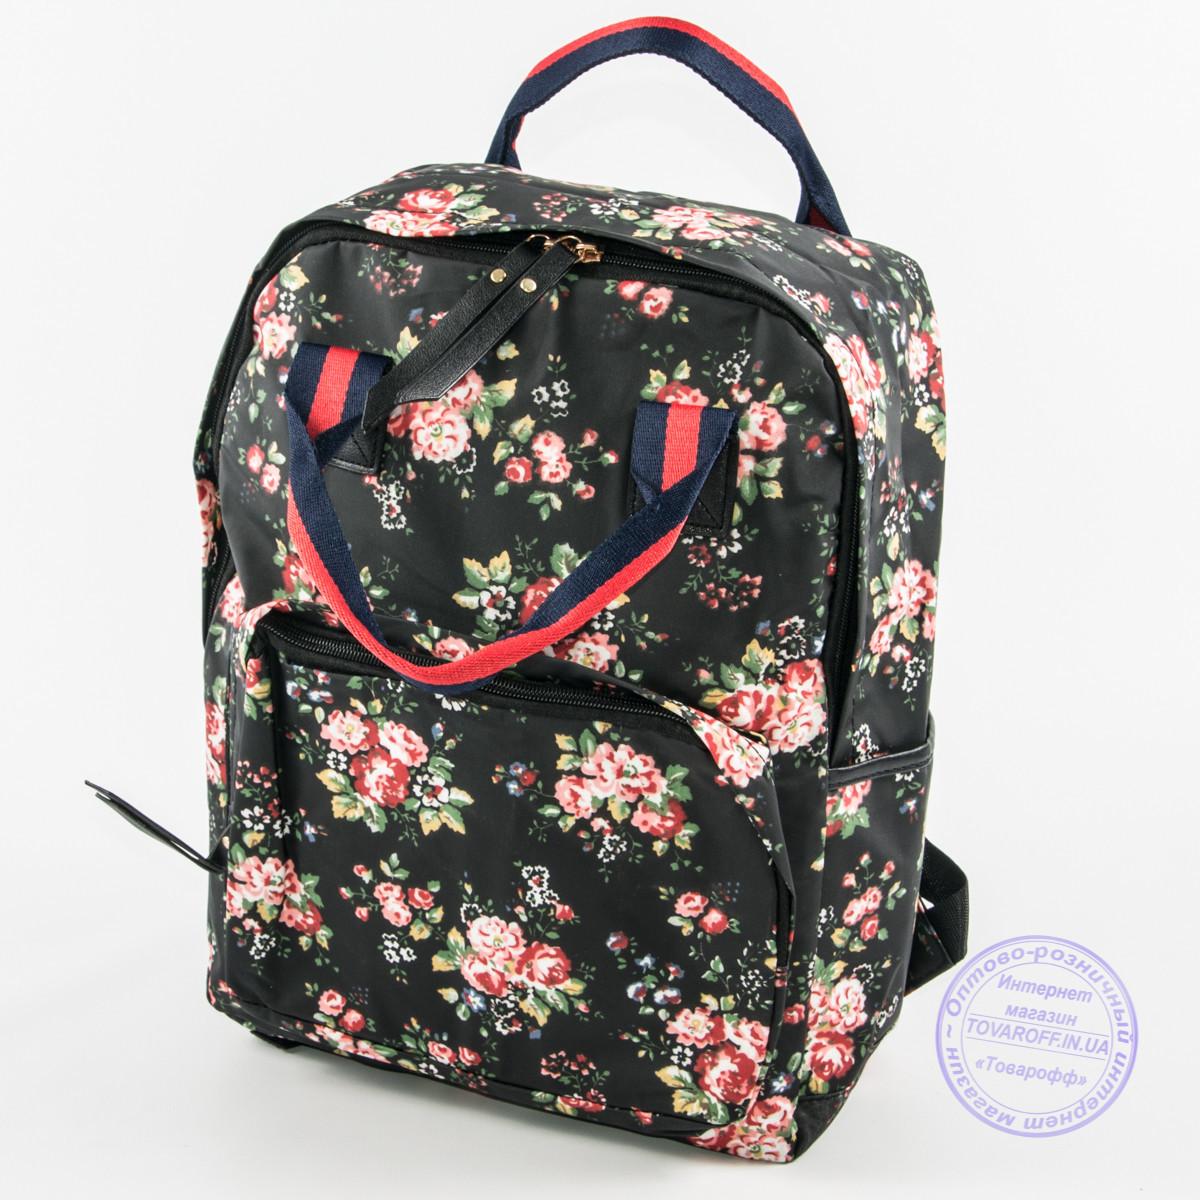 7c39f905bd33 Оптом сумка-рюкзак для школы и прогулок с цветами - черный - 9015 ...